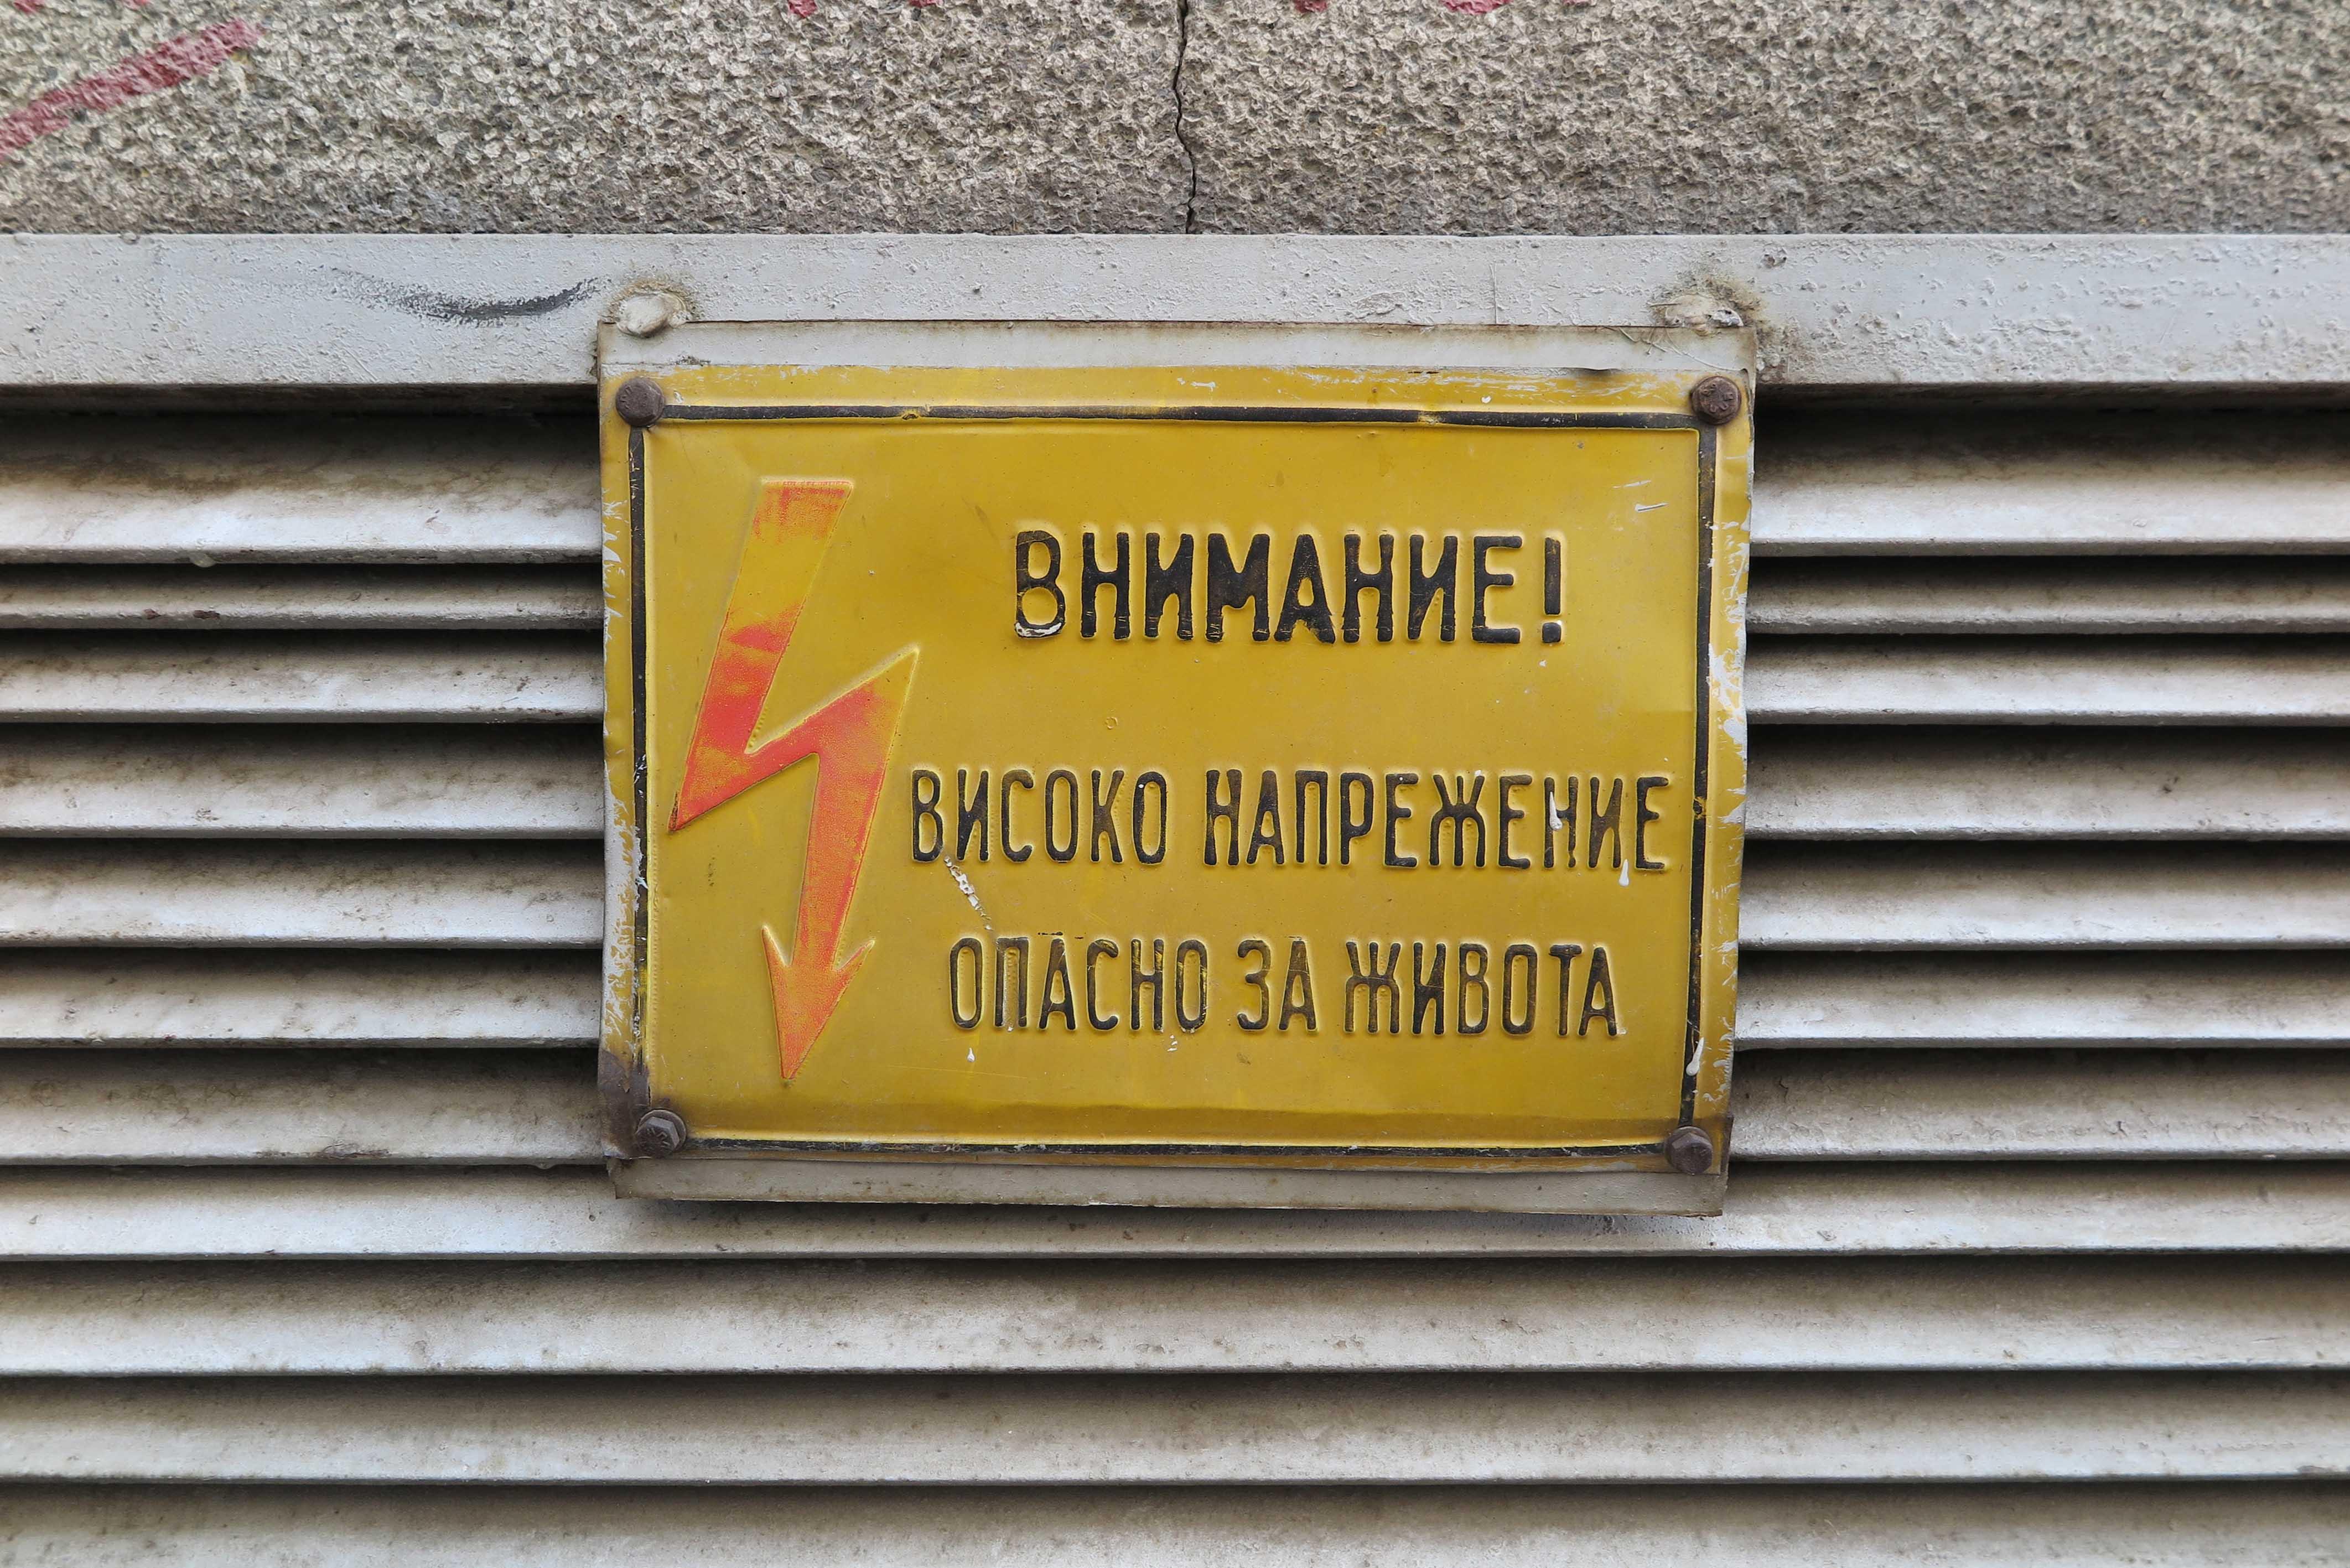 VedrosStudio_Bulgaria_06